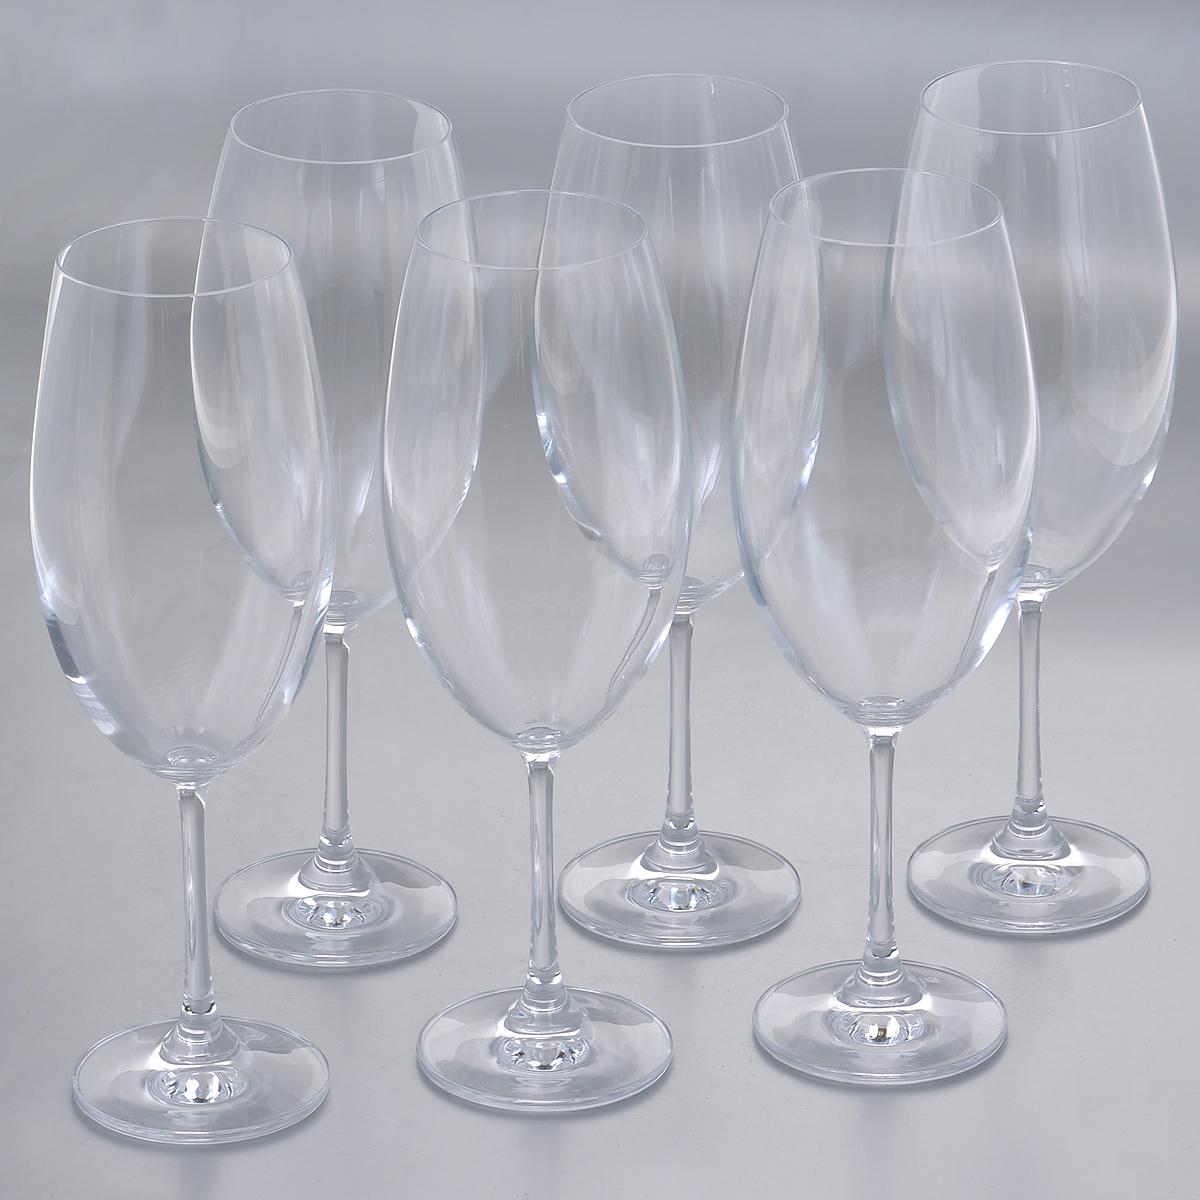 Набор бокалов для воды Crystalite Bohemia Барбара, 630 мл, 6 шт1SD22/630Набор Crystalite Bohemia Барбара состоит из шести бокалов, выполненных из прочного высококачественного прозрачного стекла. Изделия оснащены изящными высокими ножками. Бокалы предназначены для подачи воды, сока и других напитков. Они излучают приятный блеск и издают мелодичный звон. Бокалы сочетают в себе элегантный дизайн и функциональность. Благодаря такому набору пить напитки будет еще вкуснее. Набор бокалов Crystalite Bohemia Барбара прекрасно оформит праздничный стол и создаст приятную атмосферу за романтическим ужином. Такой набор также станет хорошим подарком к любому случаю. Не использовать в посудомоечной машине и микроволновой печи.